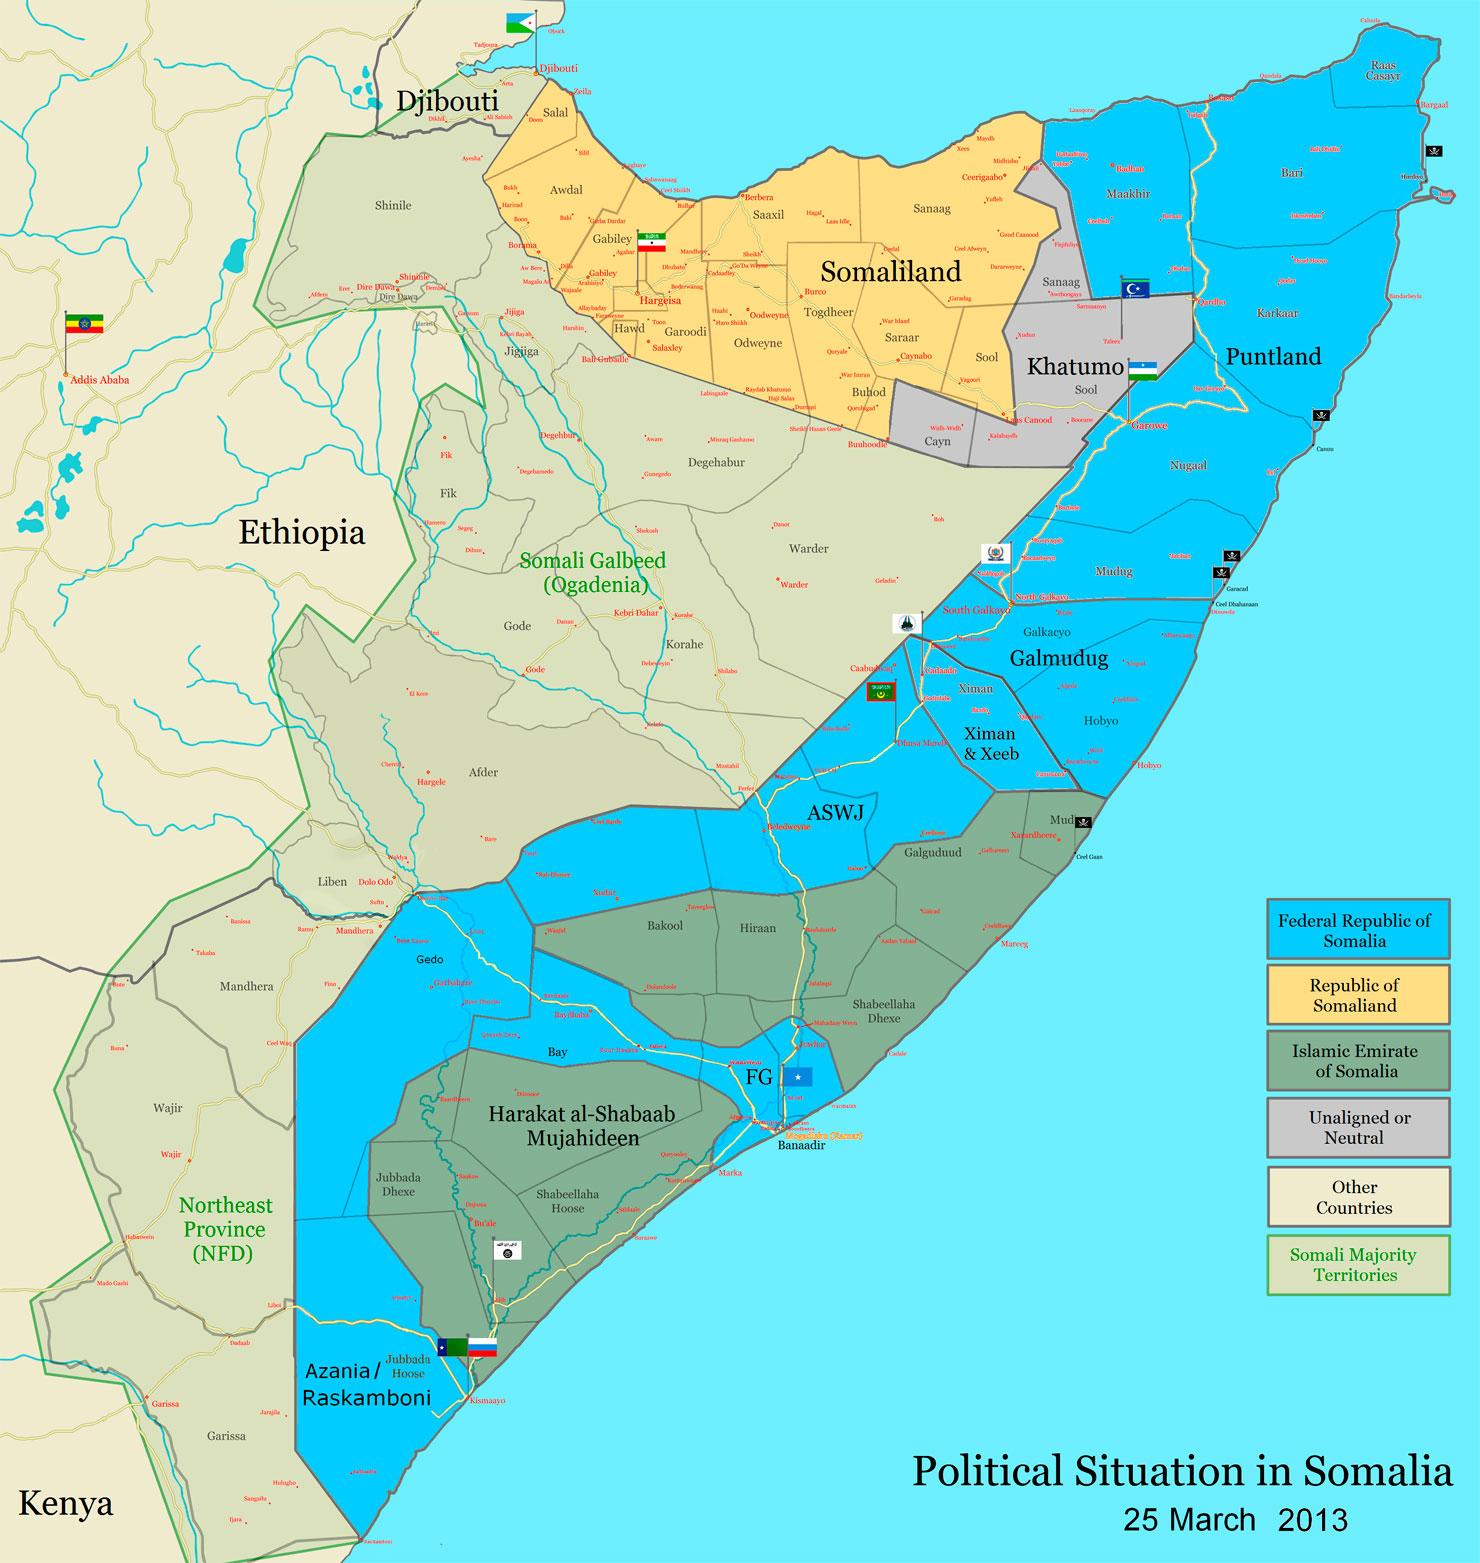 Политическая ситуация в Сомали на 2013 год. Карта: James Dahl.